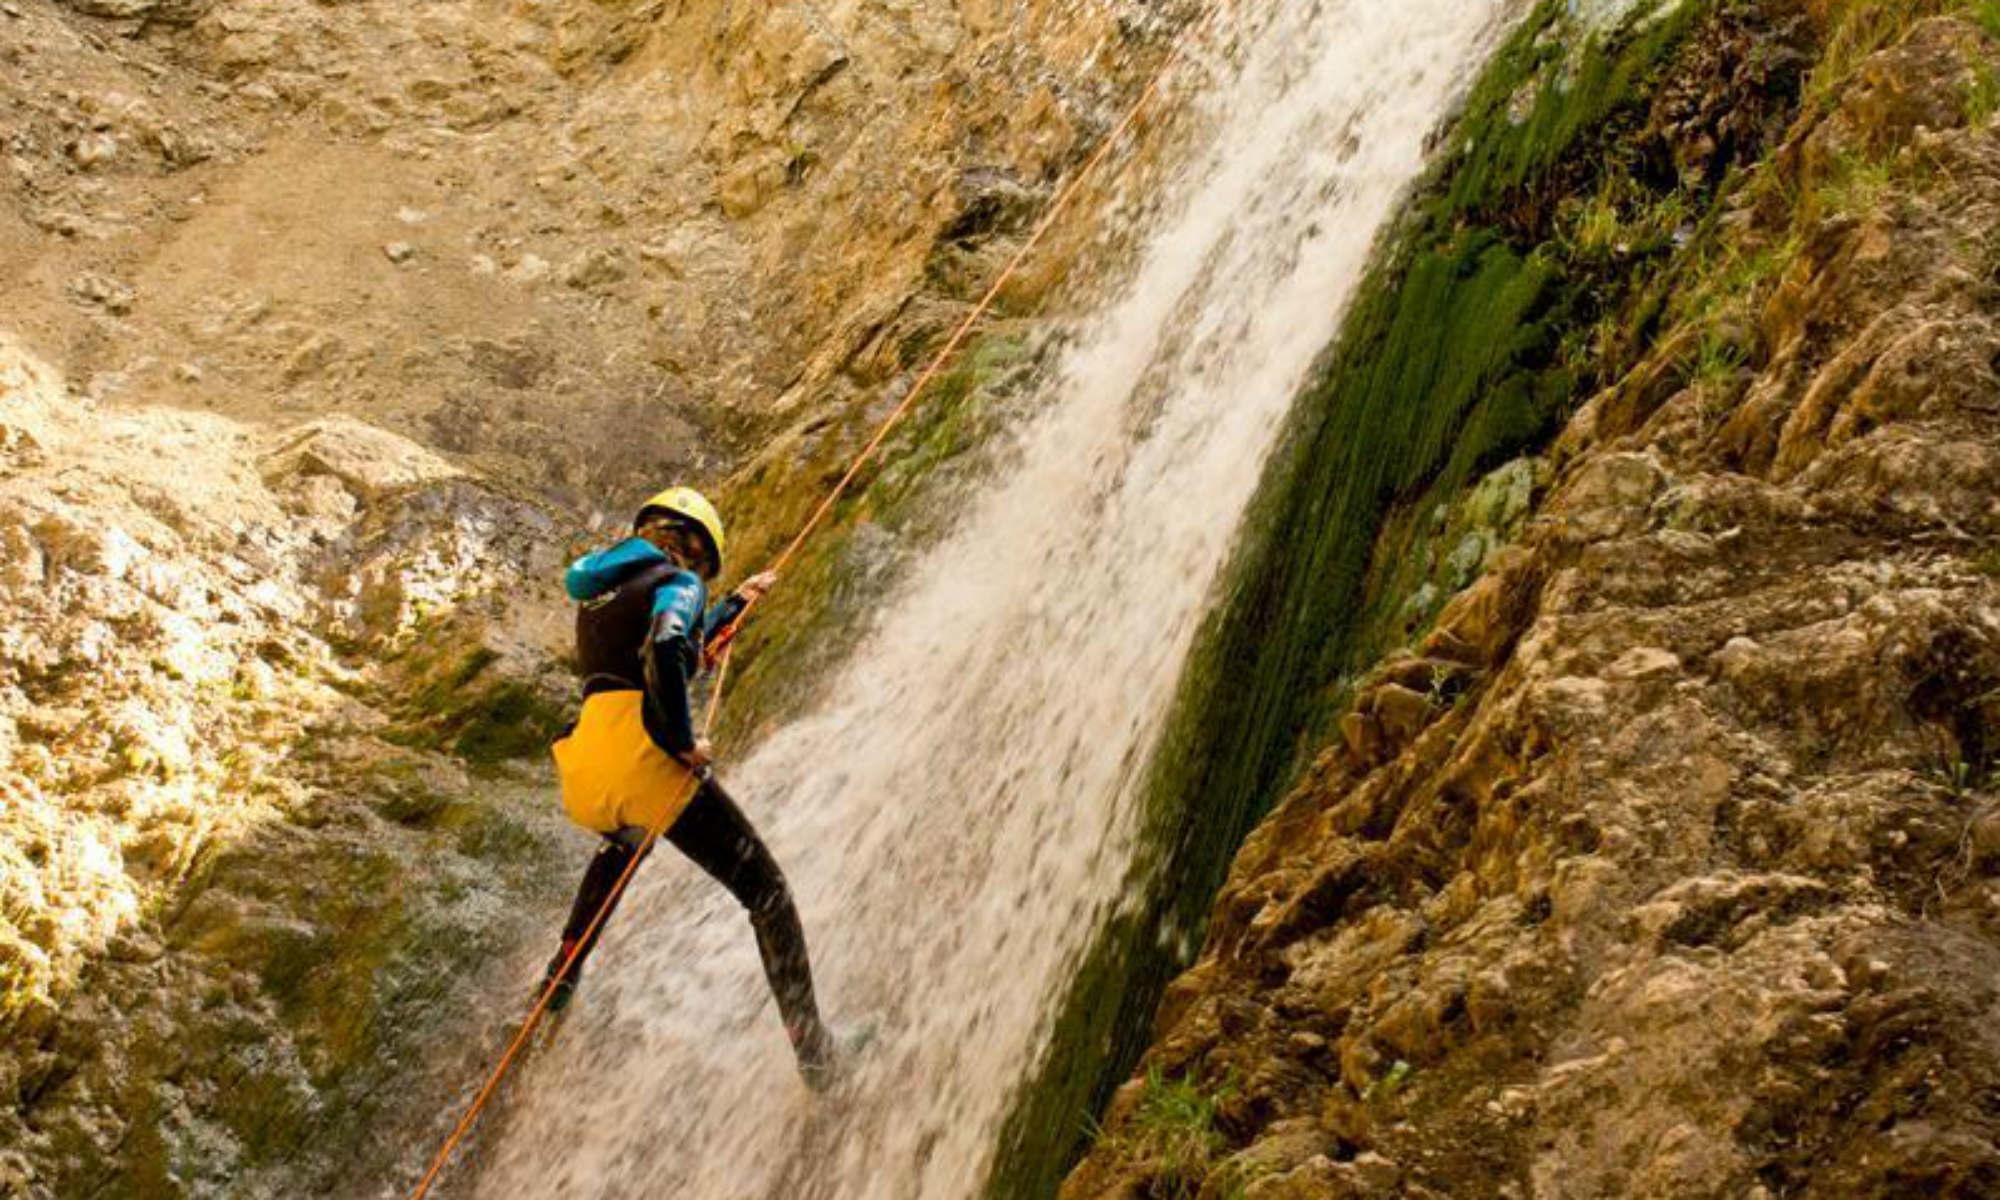 Ein Teilnehmer seilt sich beim Canyoning in Spanien an einem Wasserfall ab.